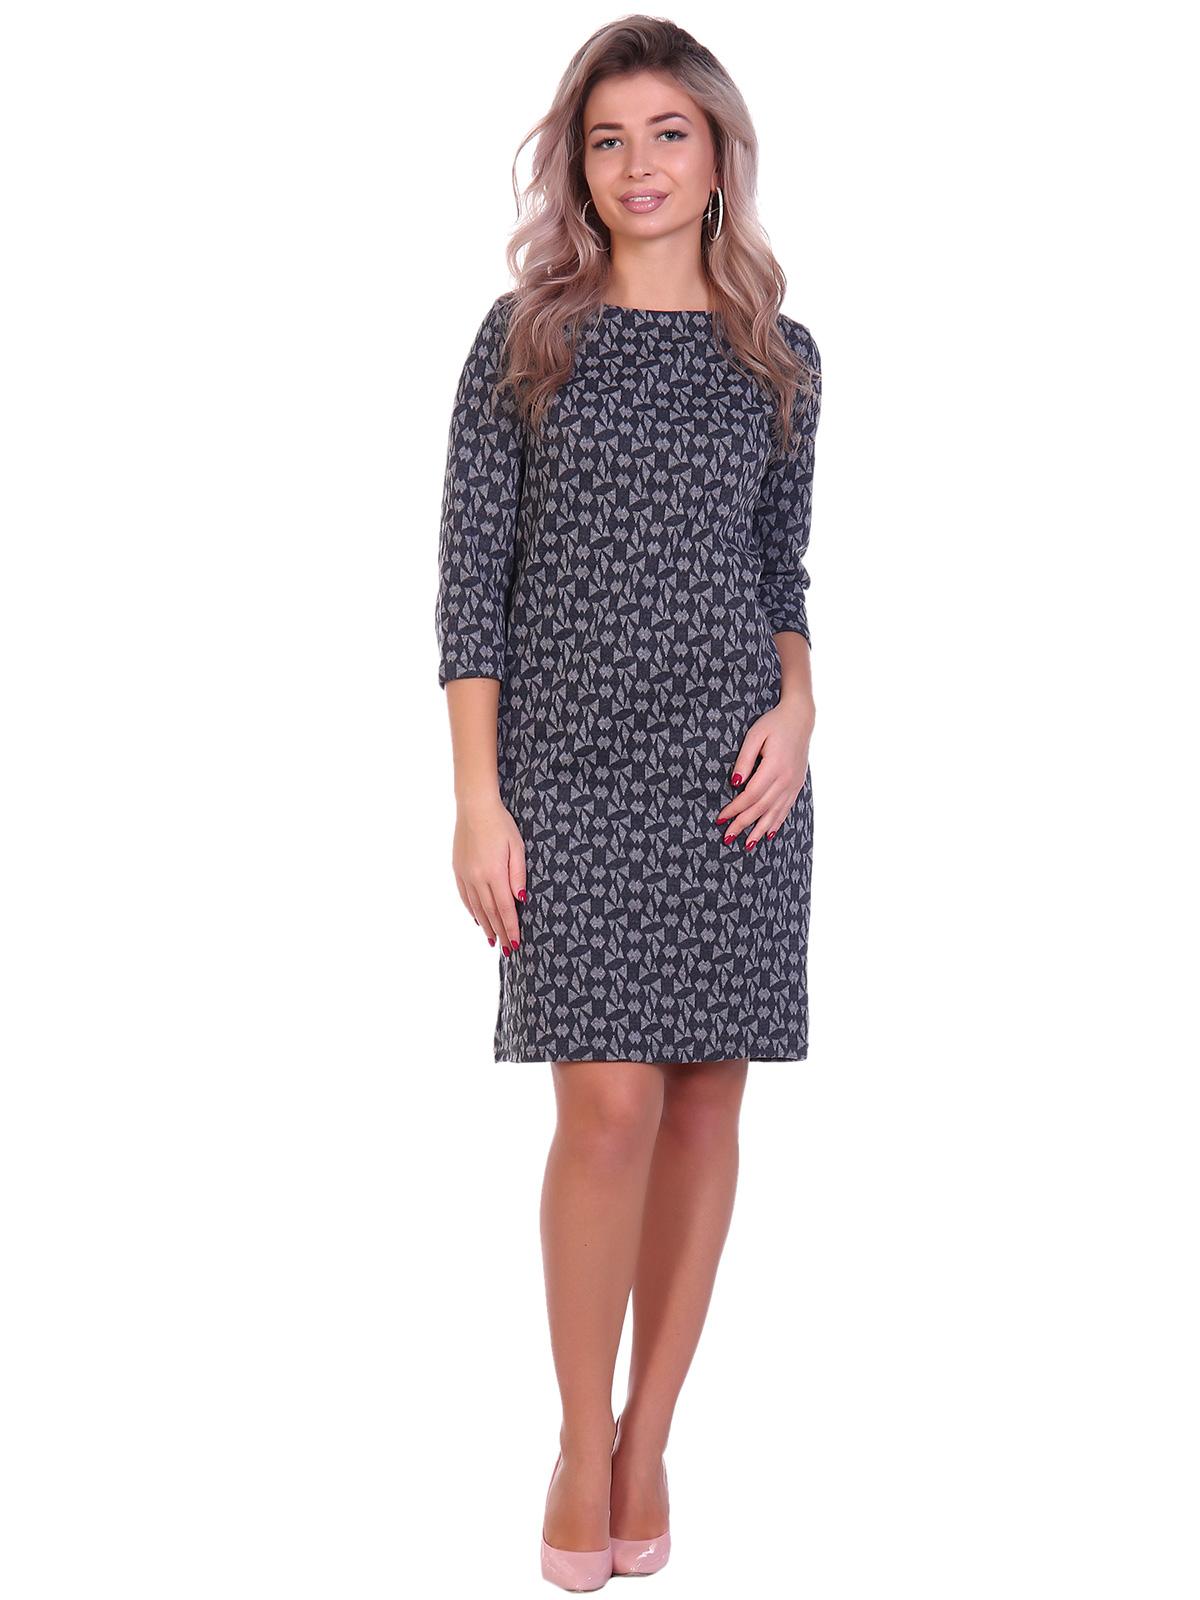 Жен. платье арт. 16-0691 Серый р. 48 фото